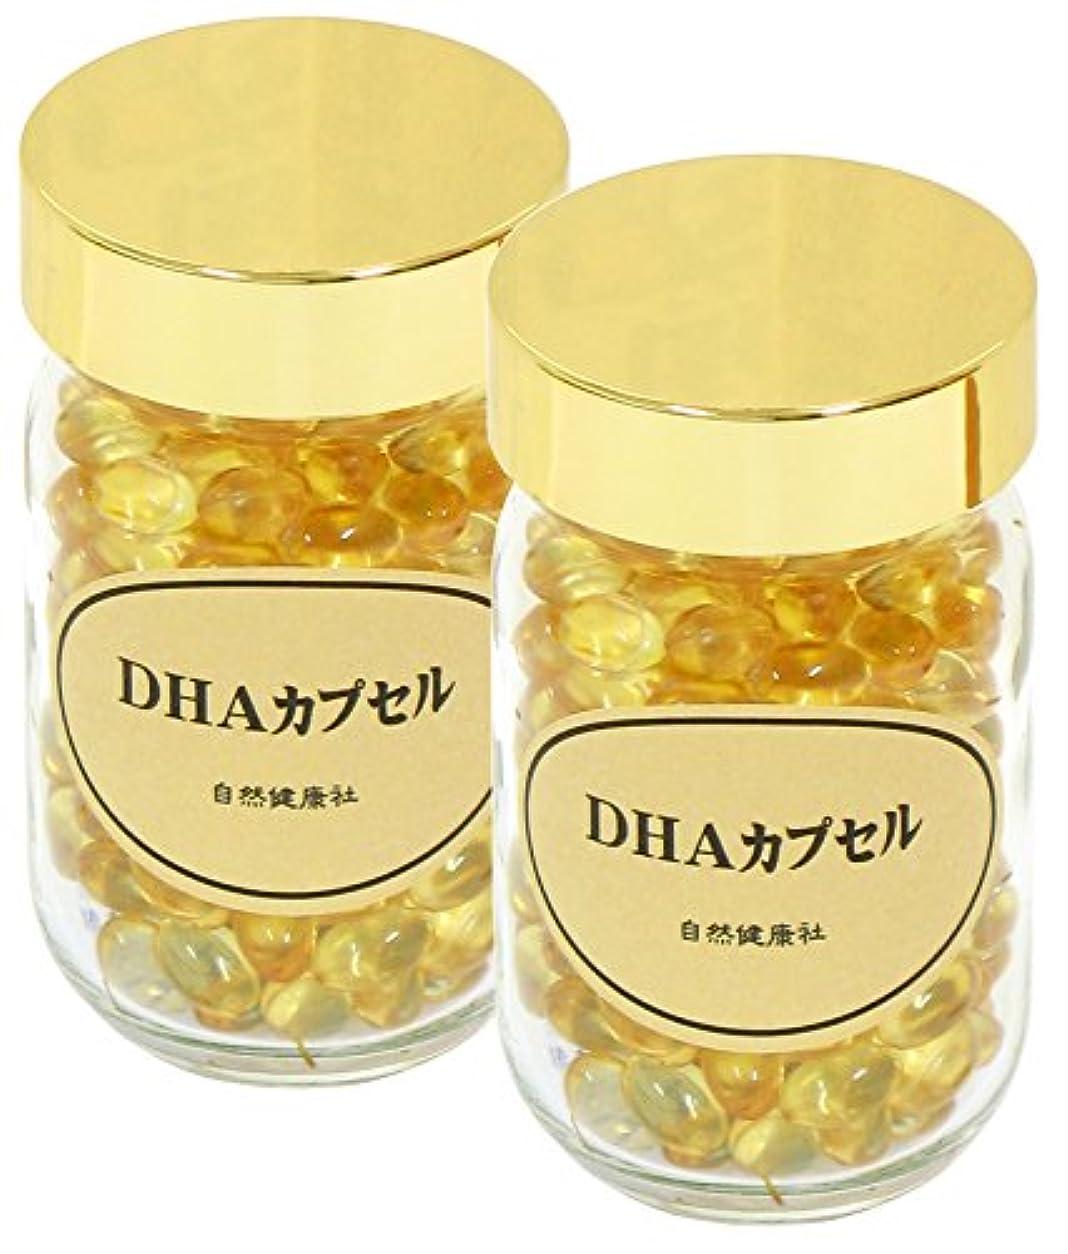 肥沃な順番再編成する自然健康社 DHAカプセル 95g(460mg×206粒)×2個 ビン入り